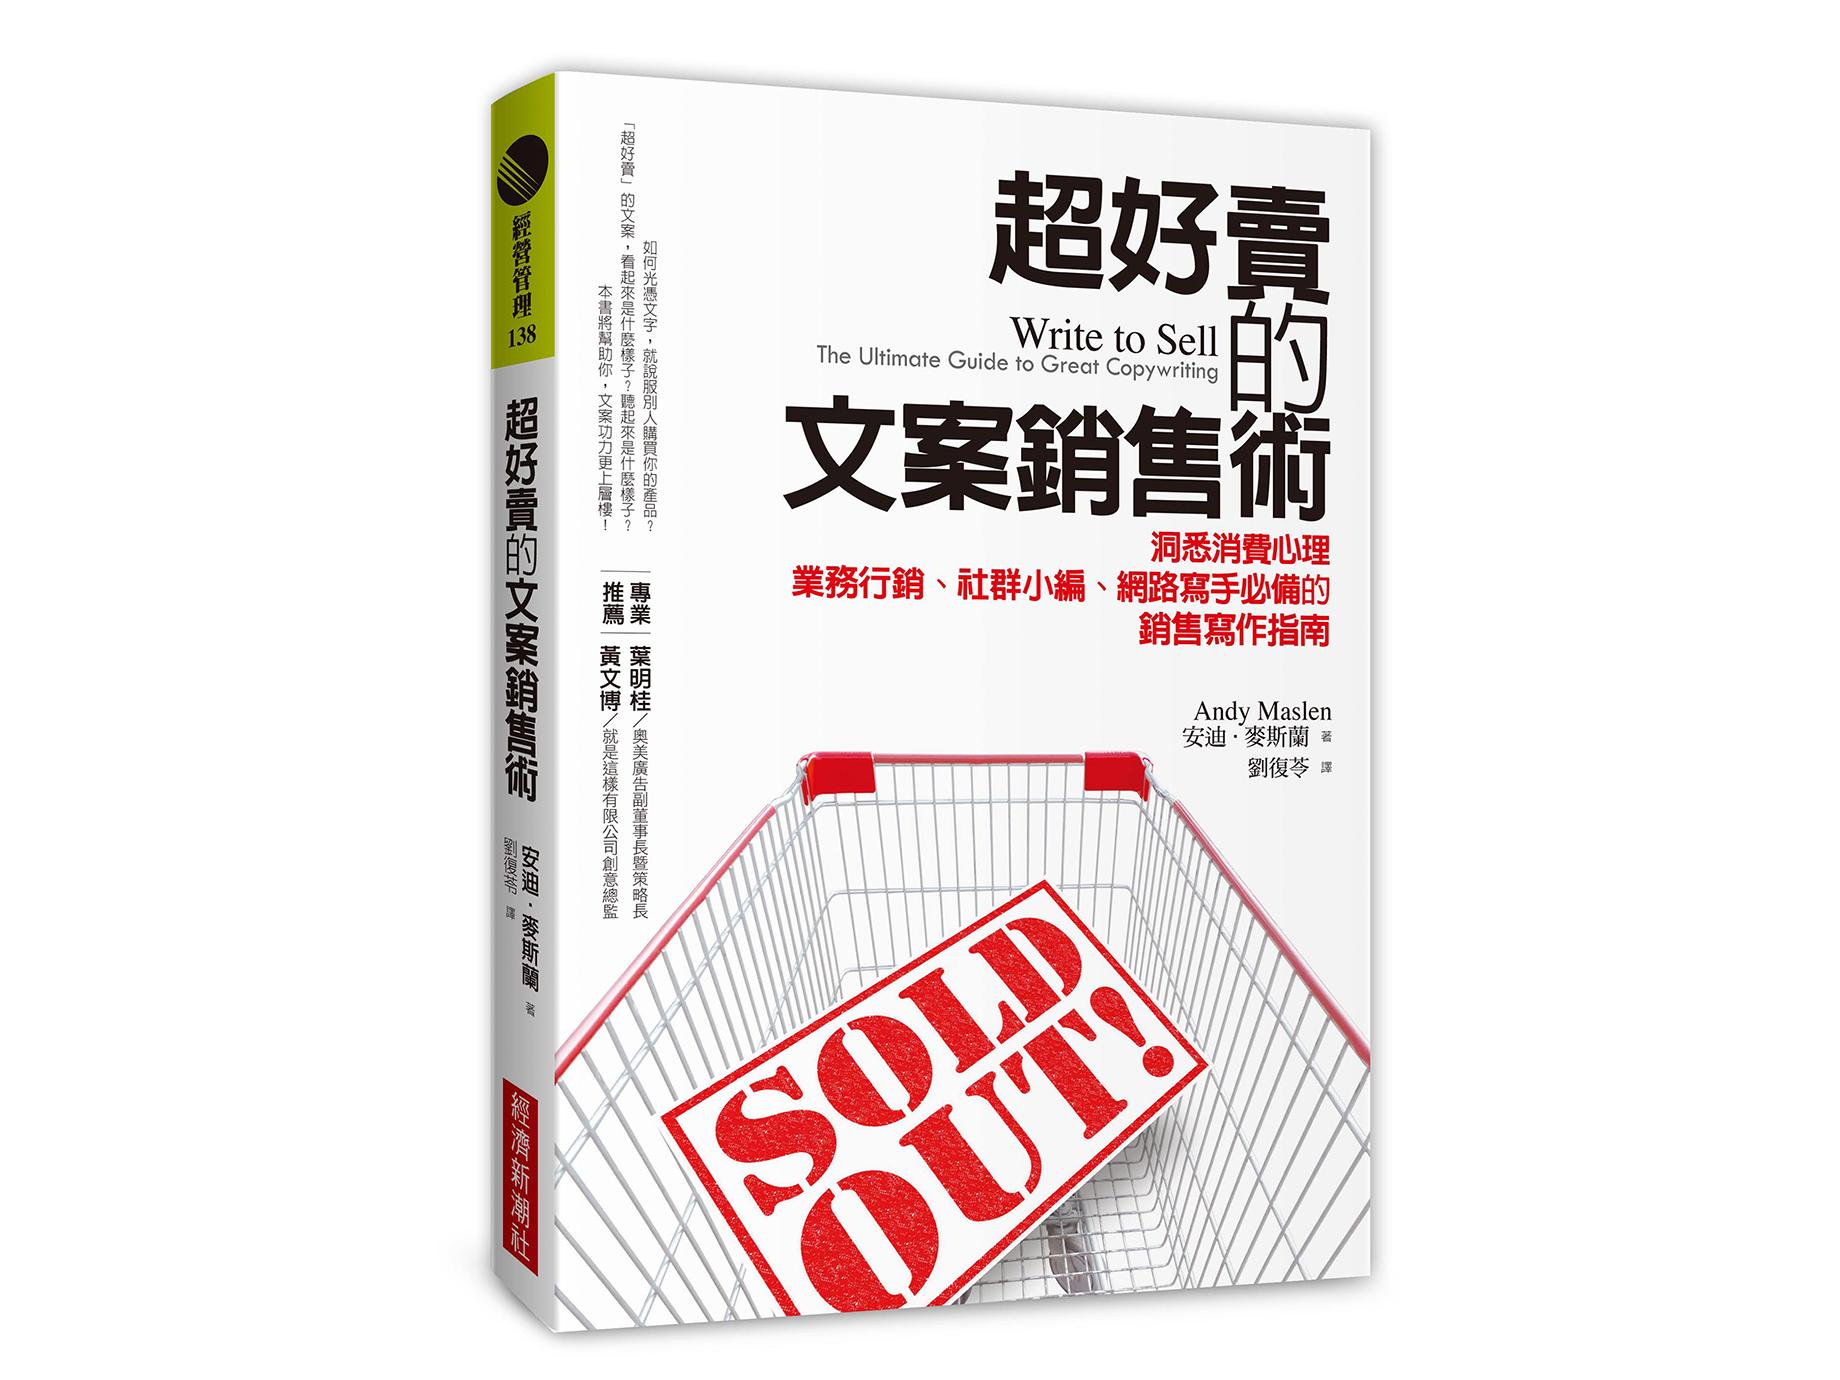 新書搶先看》超好賣文案的撰寫秘訣:「消費者利益」優先於「產品特性」